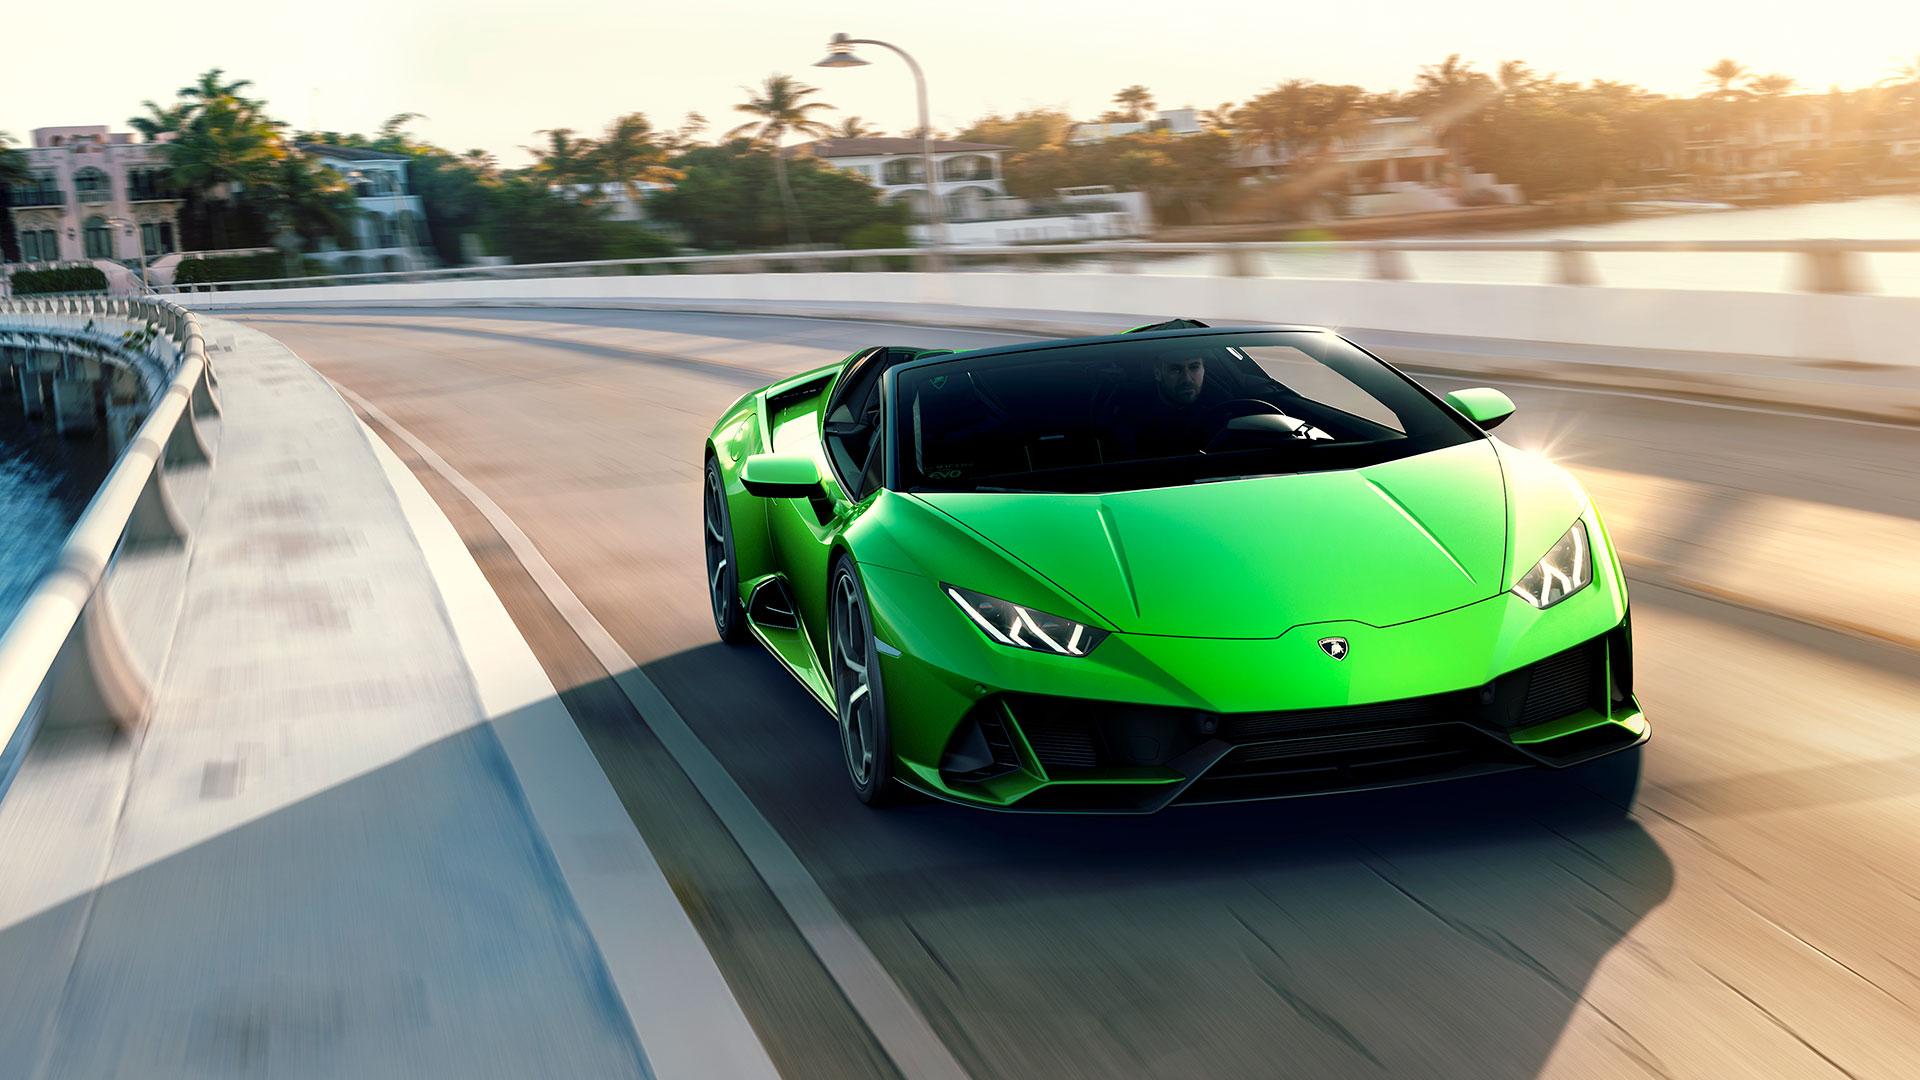 Lamborghini sets new sales records in 2019